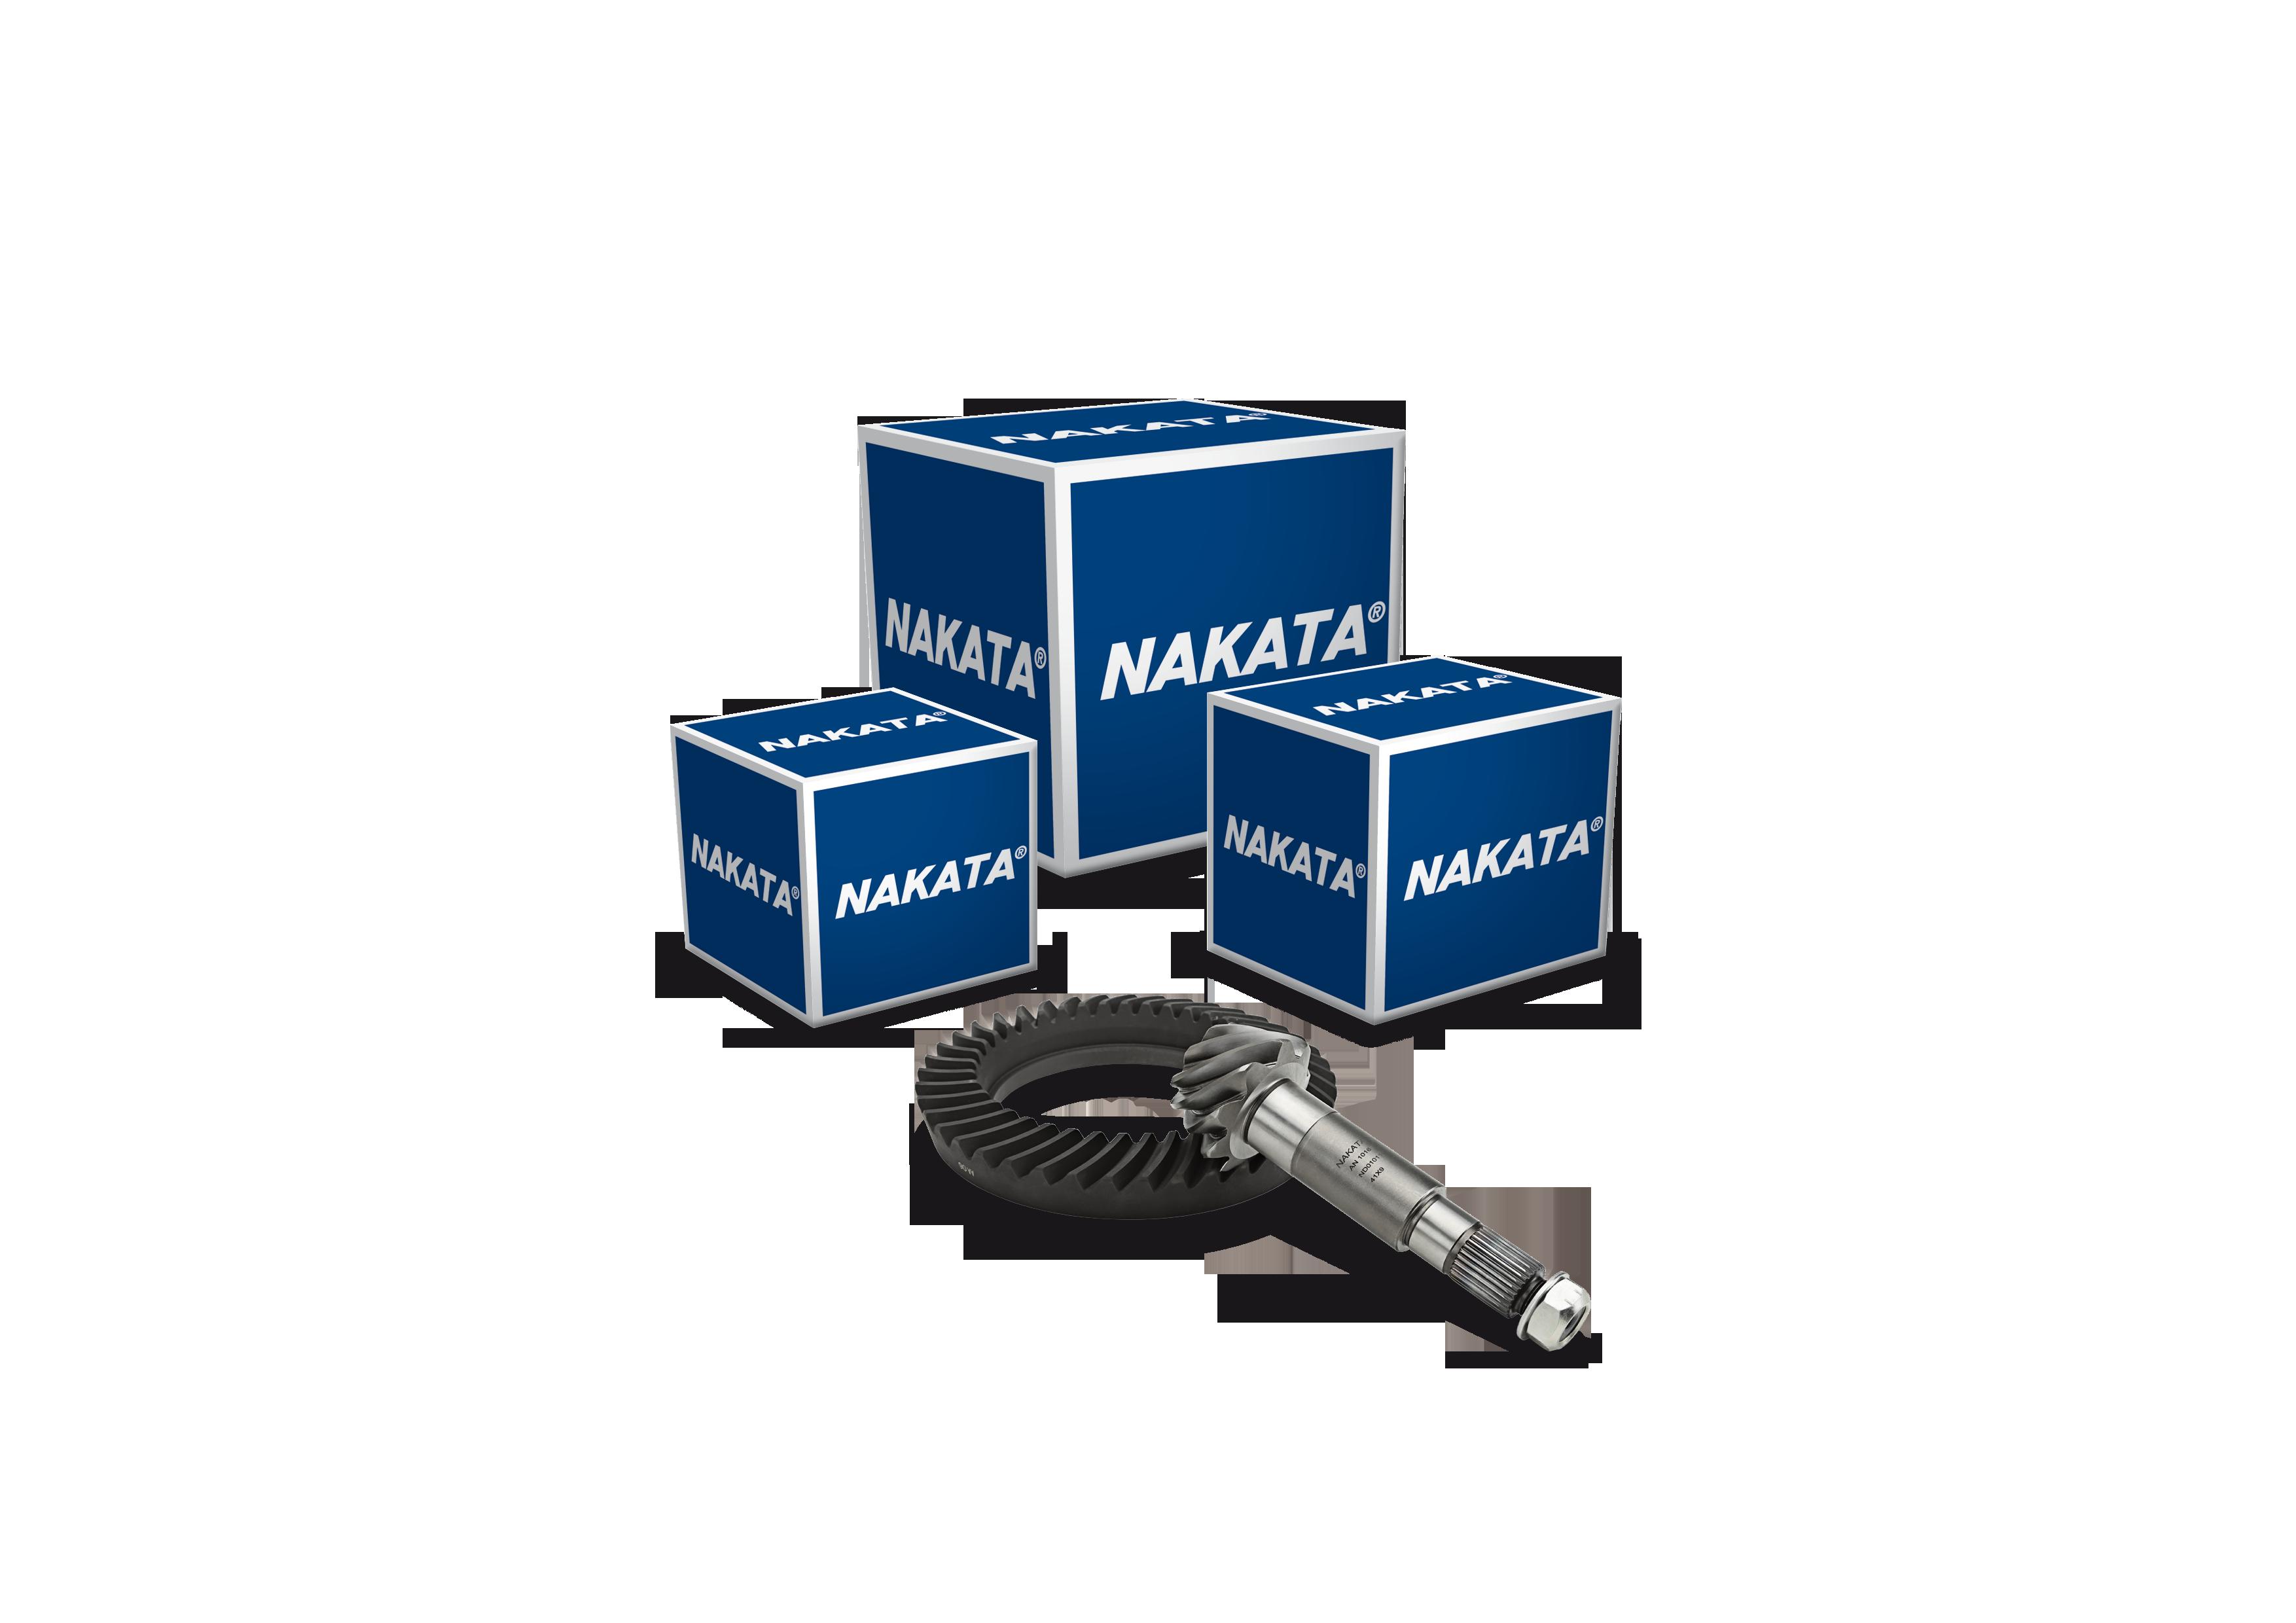 Nakata lança coroa e pinhão para veículos comerciais leves e caminhões das marcas Agrale, VW, Ford e GM